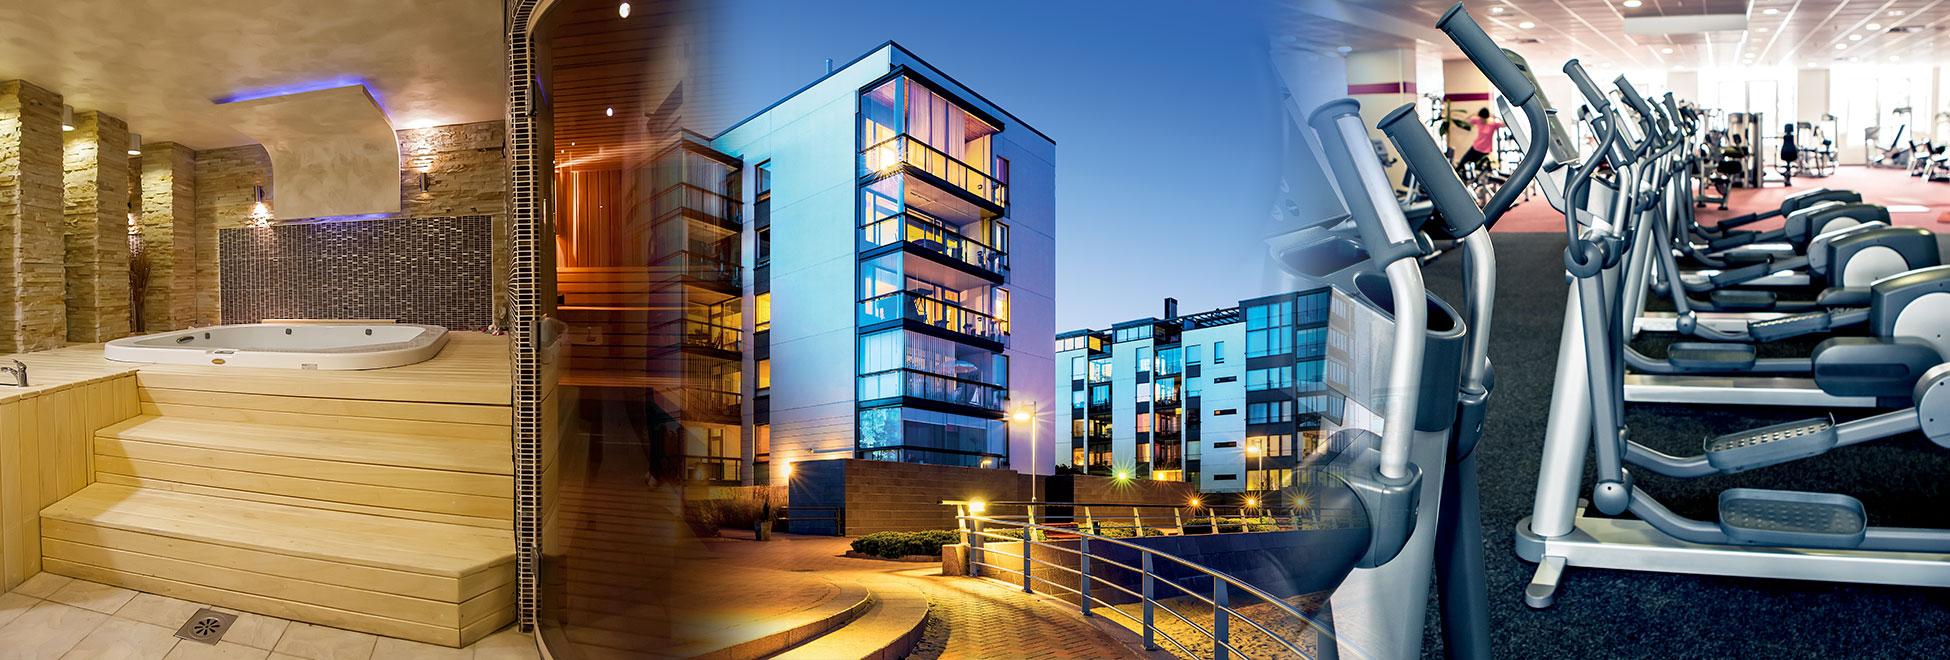 sistemi integrati di risparmio energetico per hotel, ospedali, palestre, spa